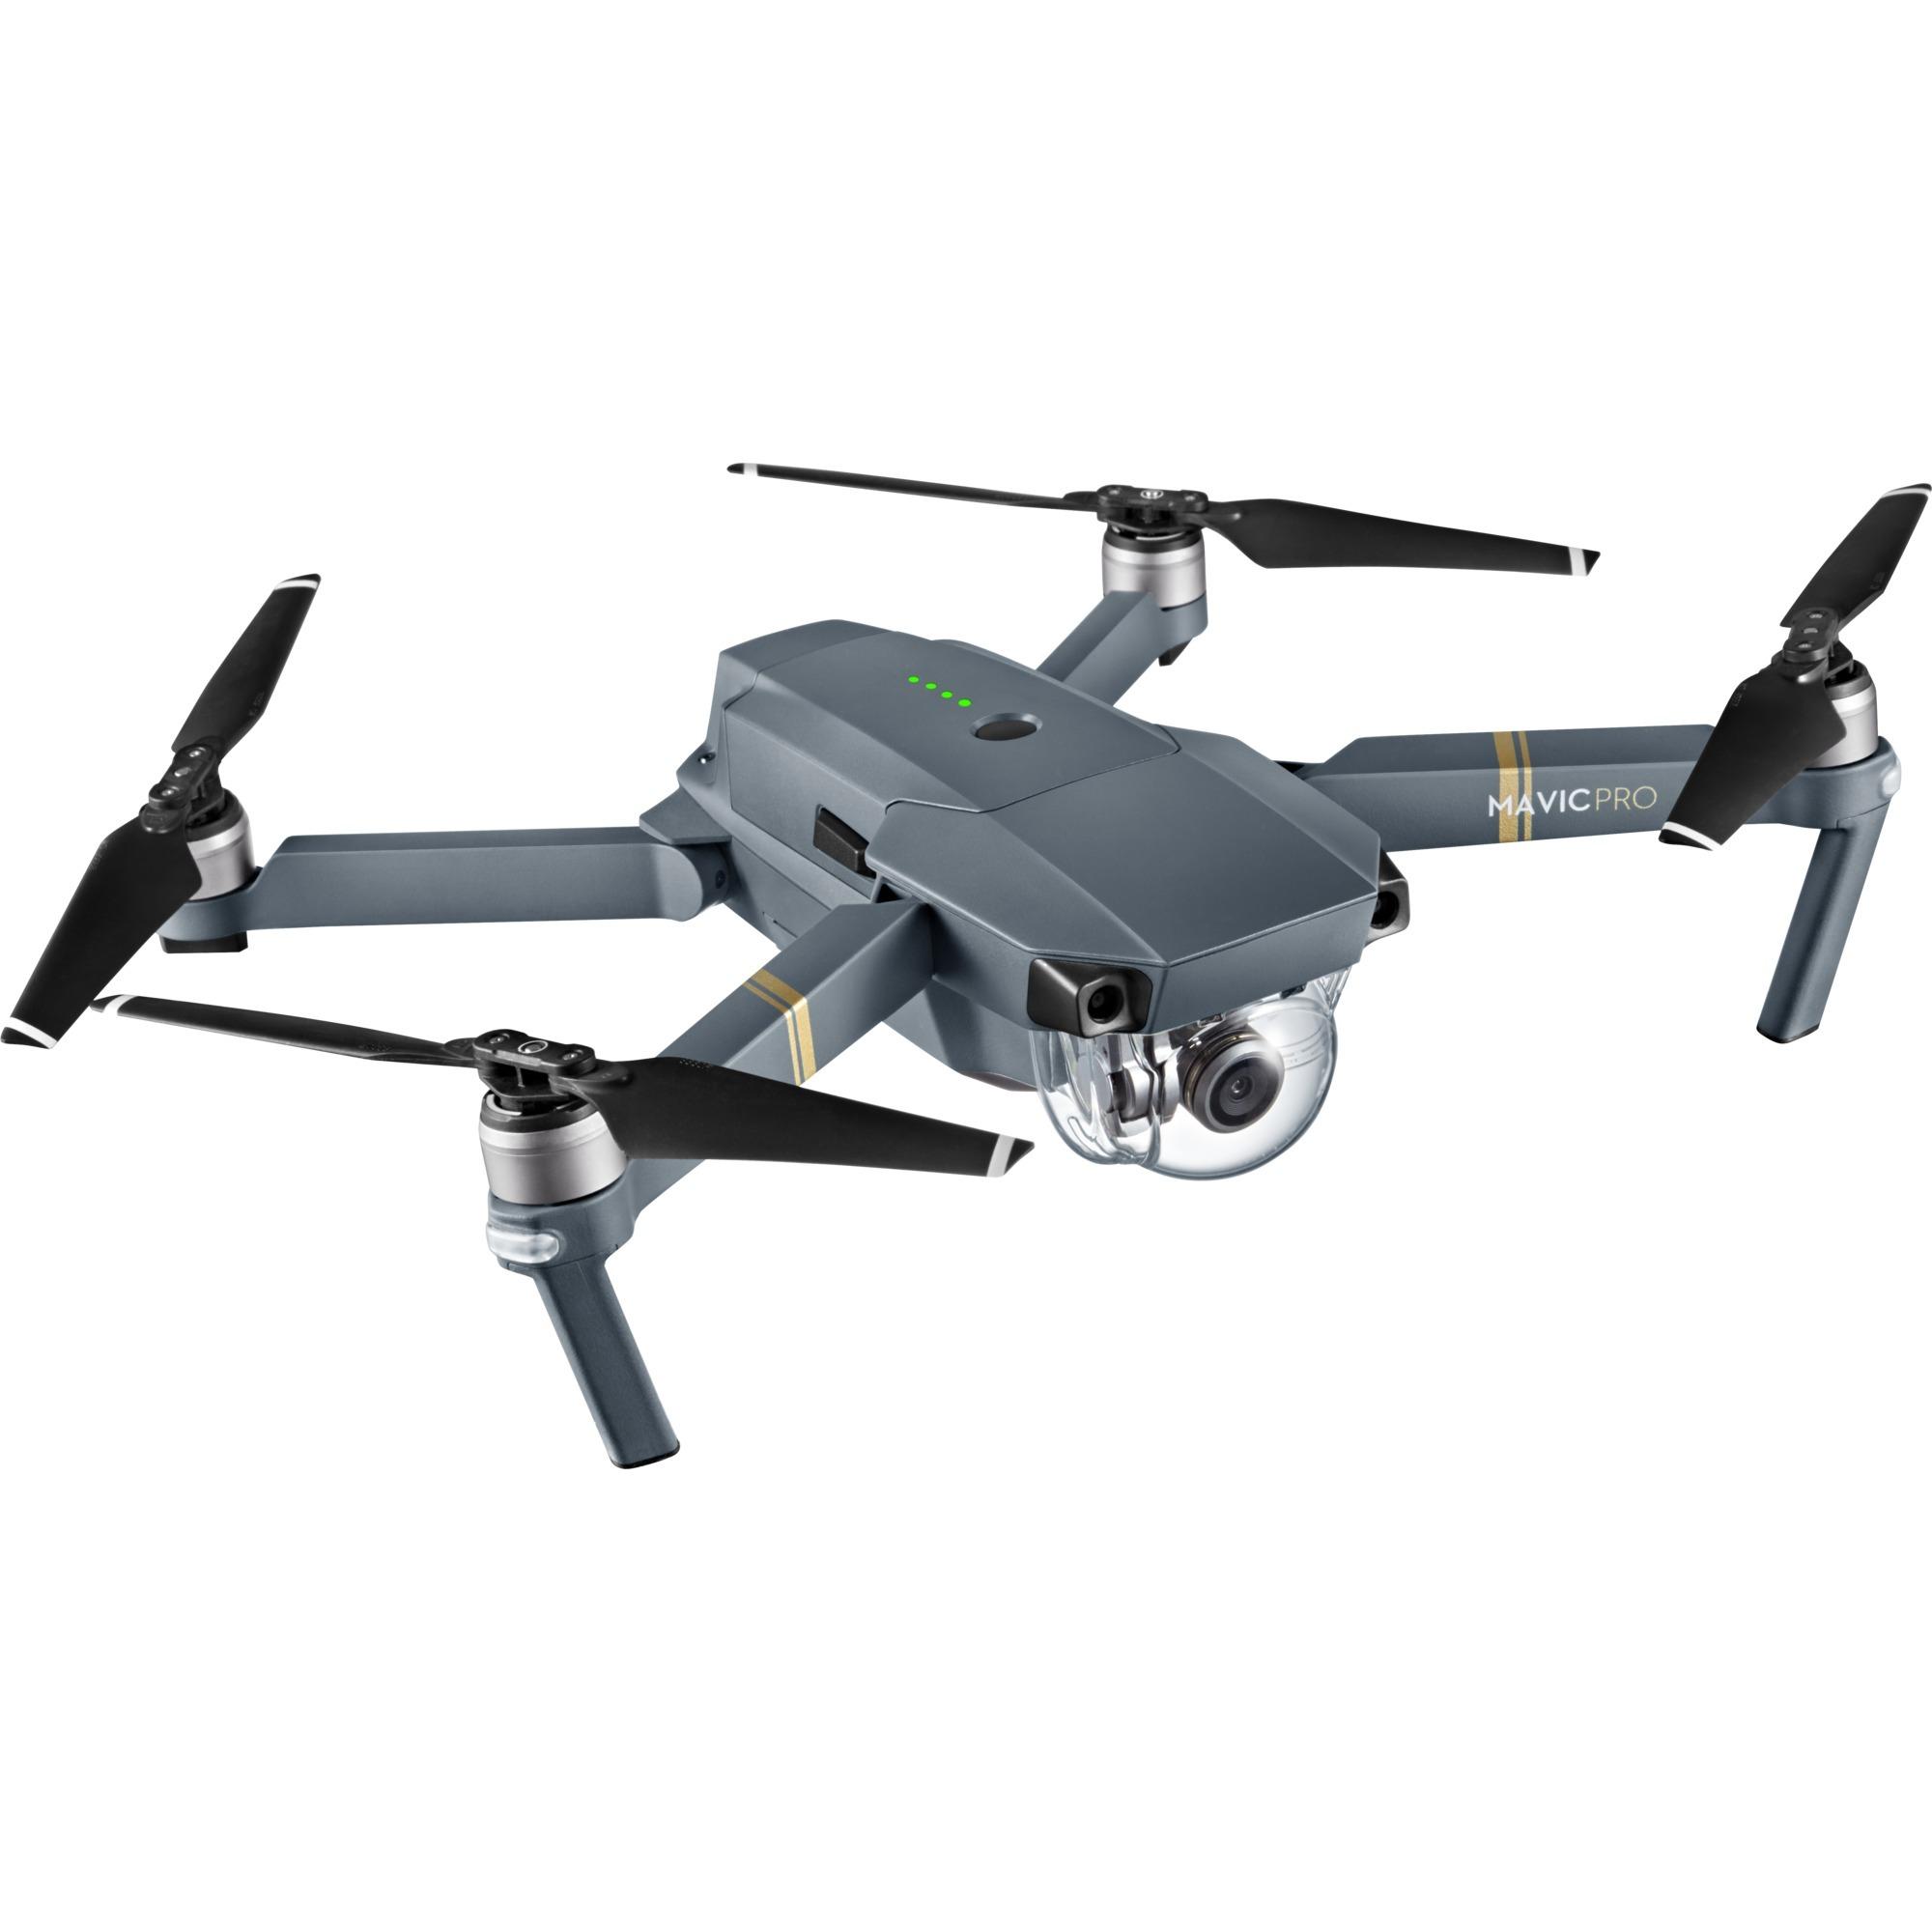 Mavic Pro Fly More Combo, Drone